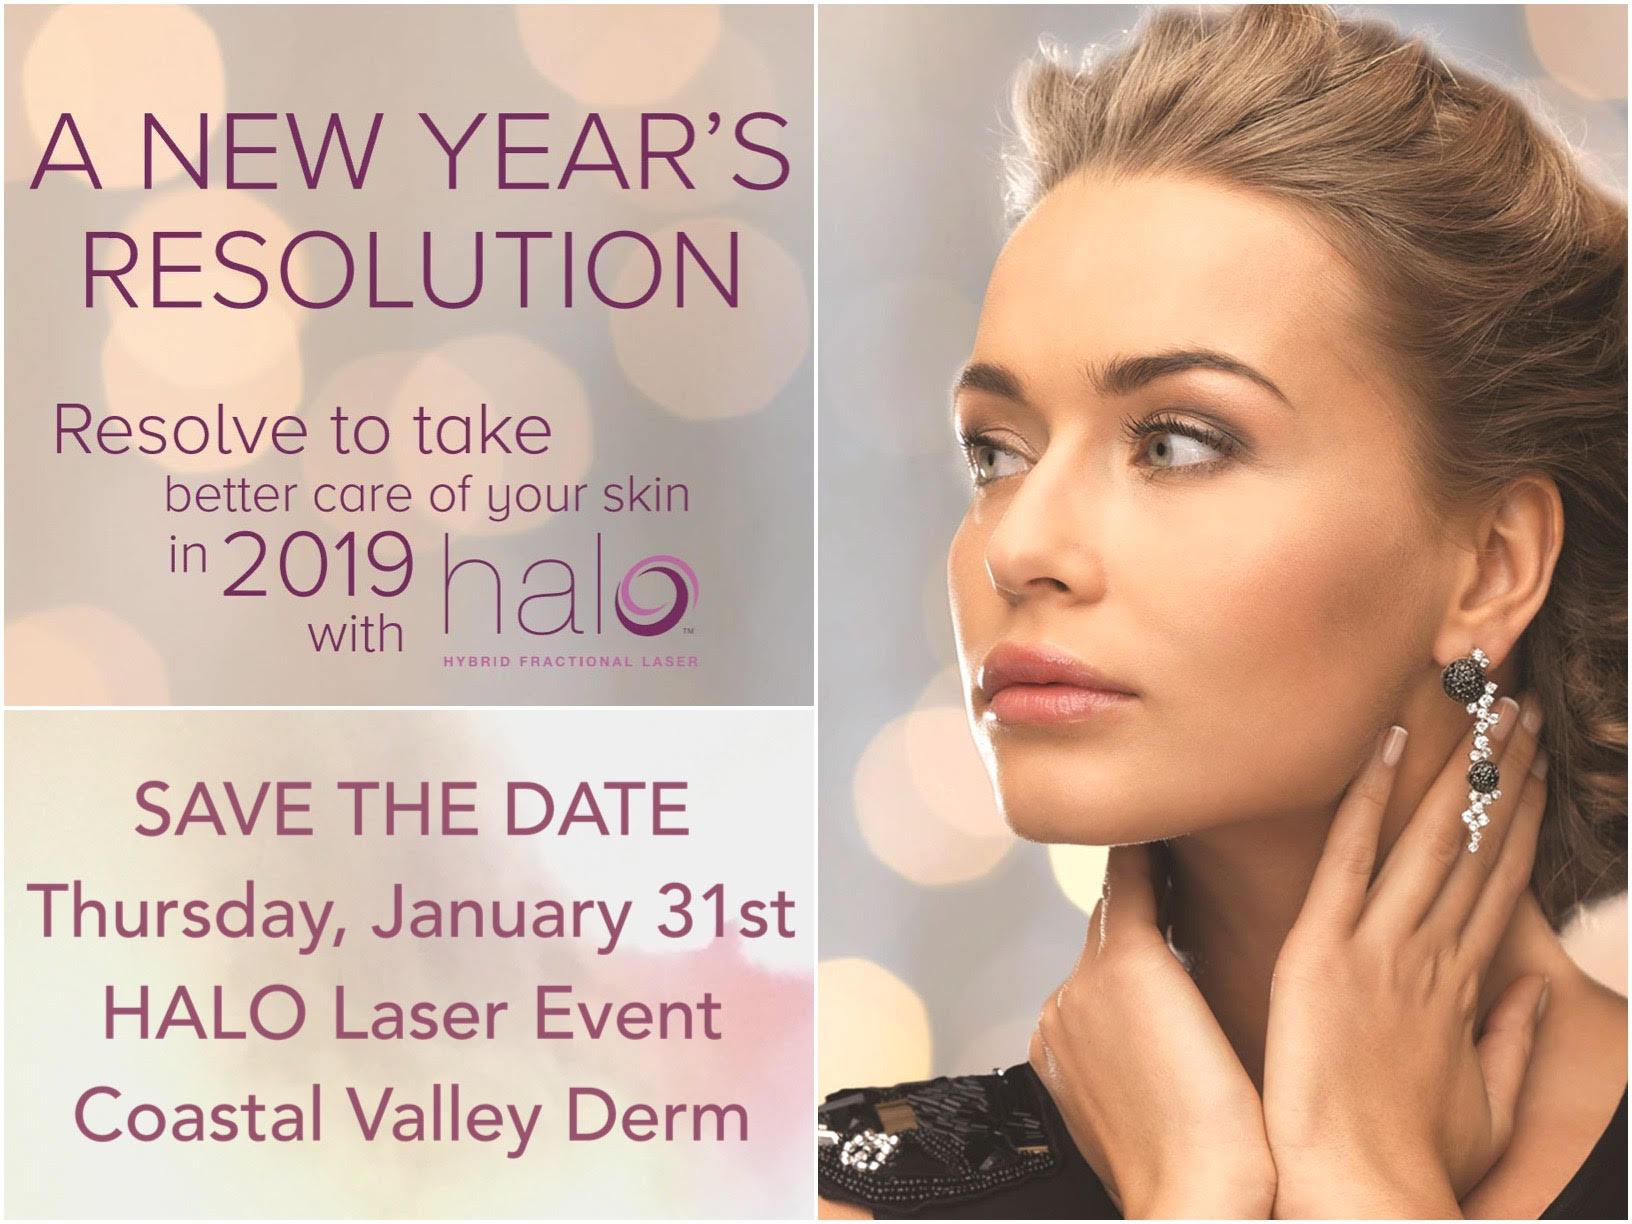 coastal-valley-dermatology-monterey-halo-laser-event-photo